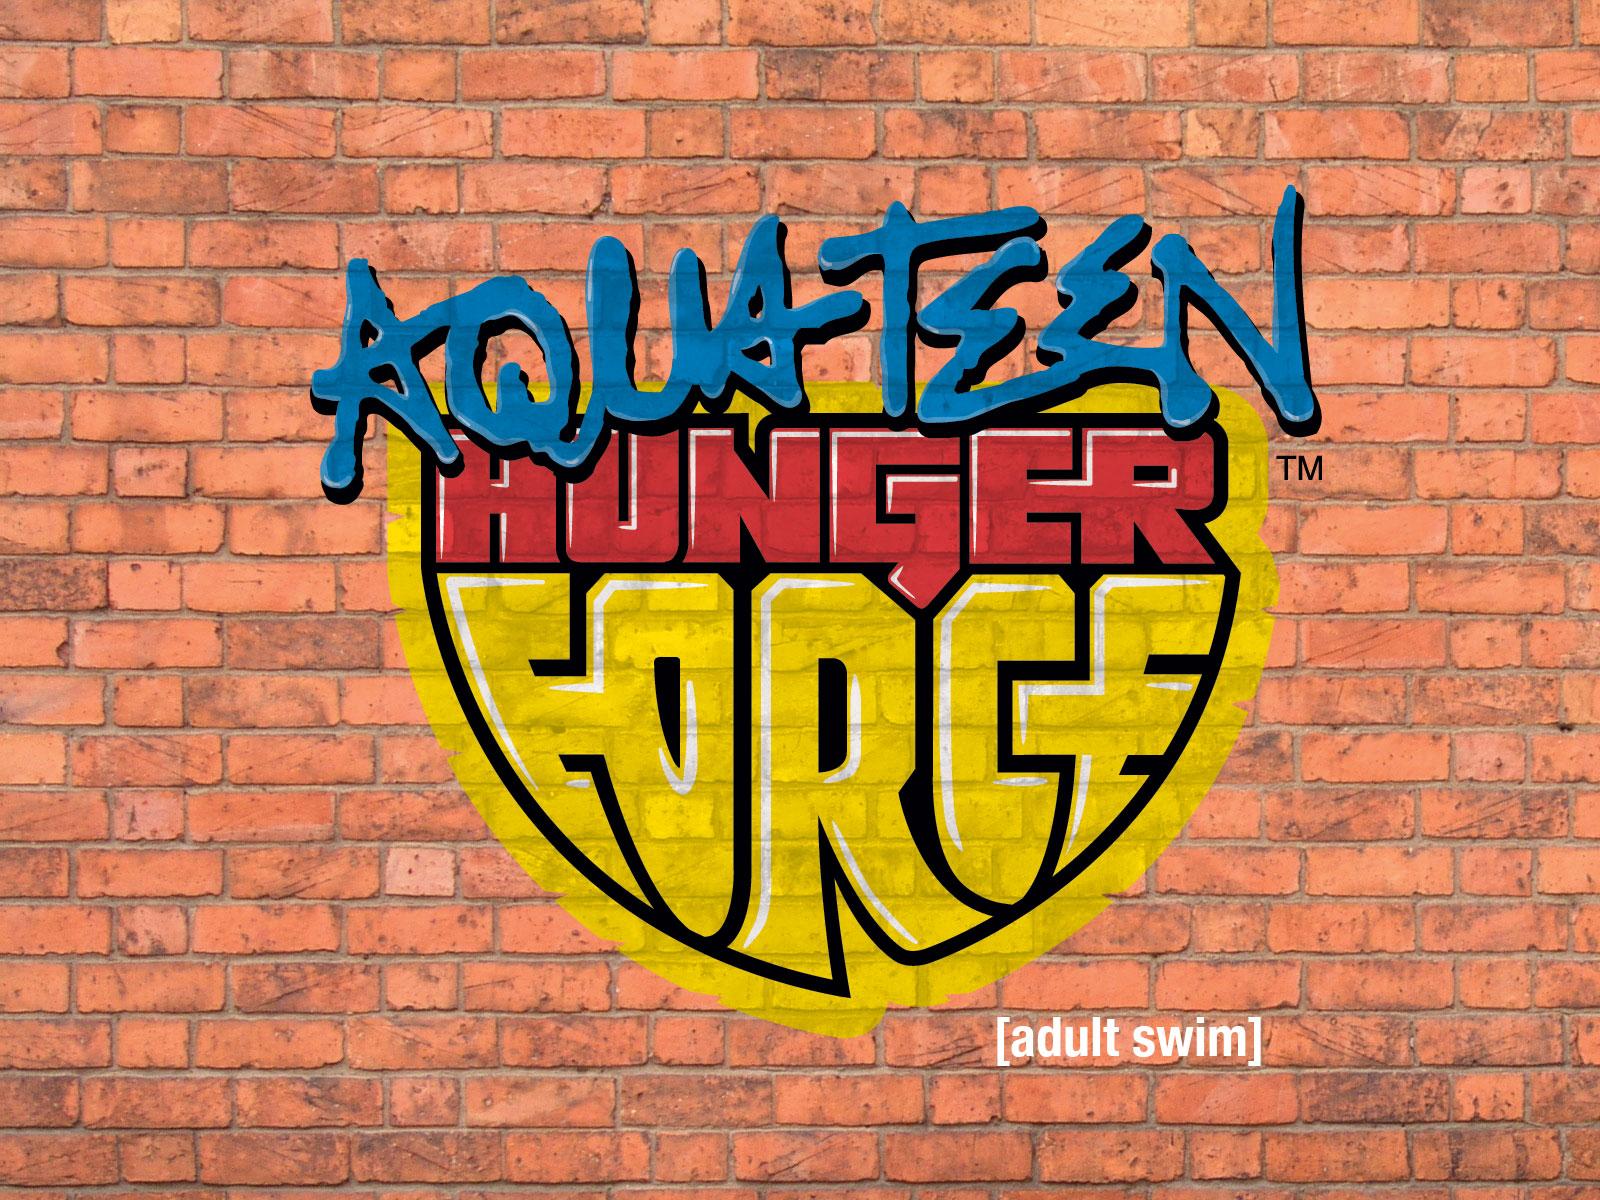 Aqua Teen Hunger Force [♫] 48689